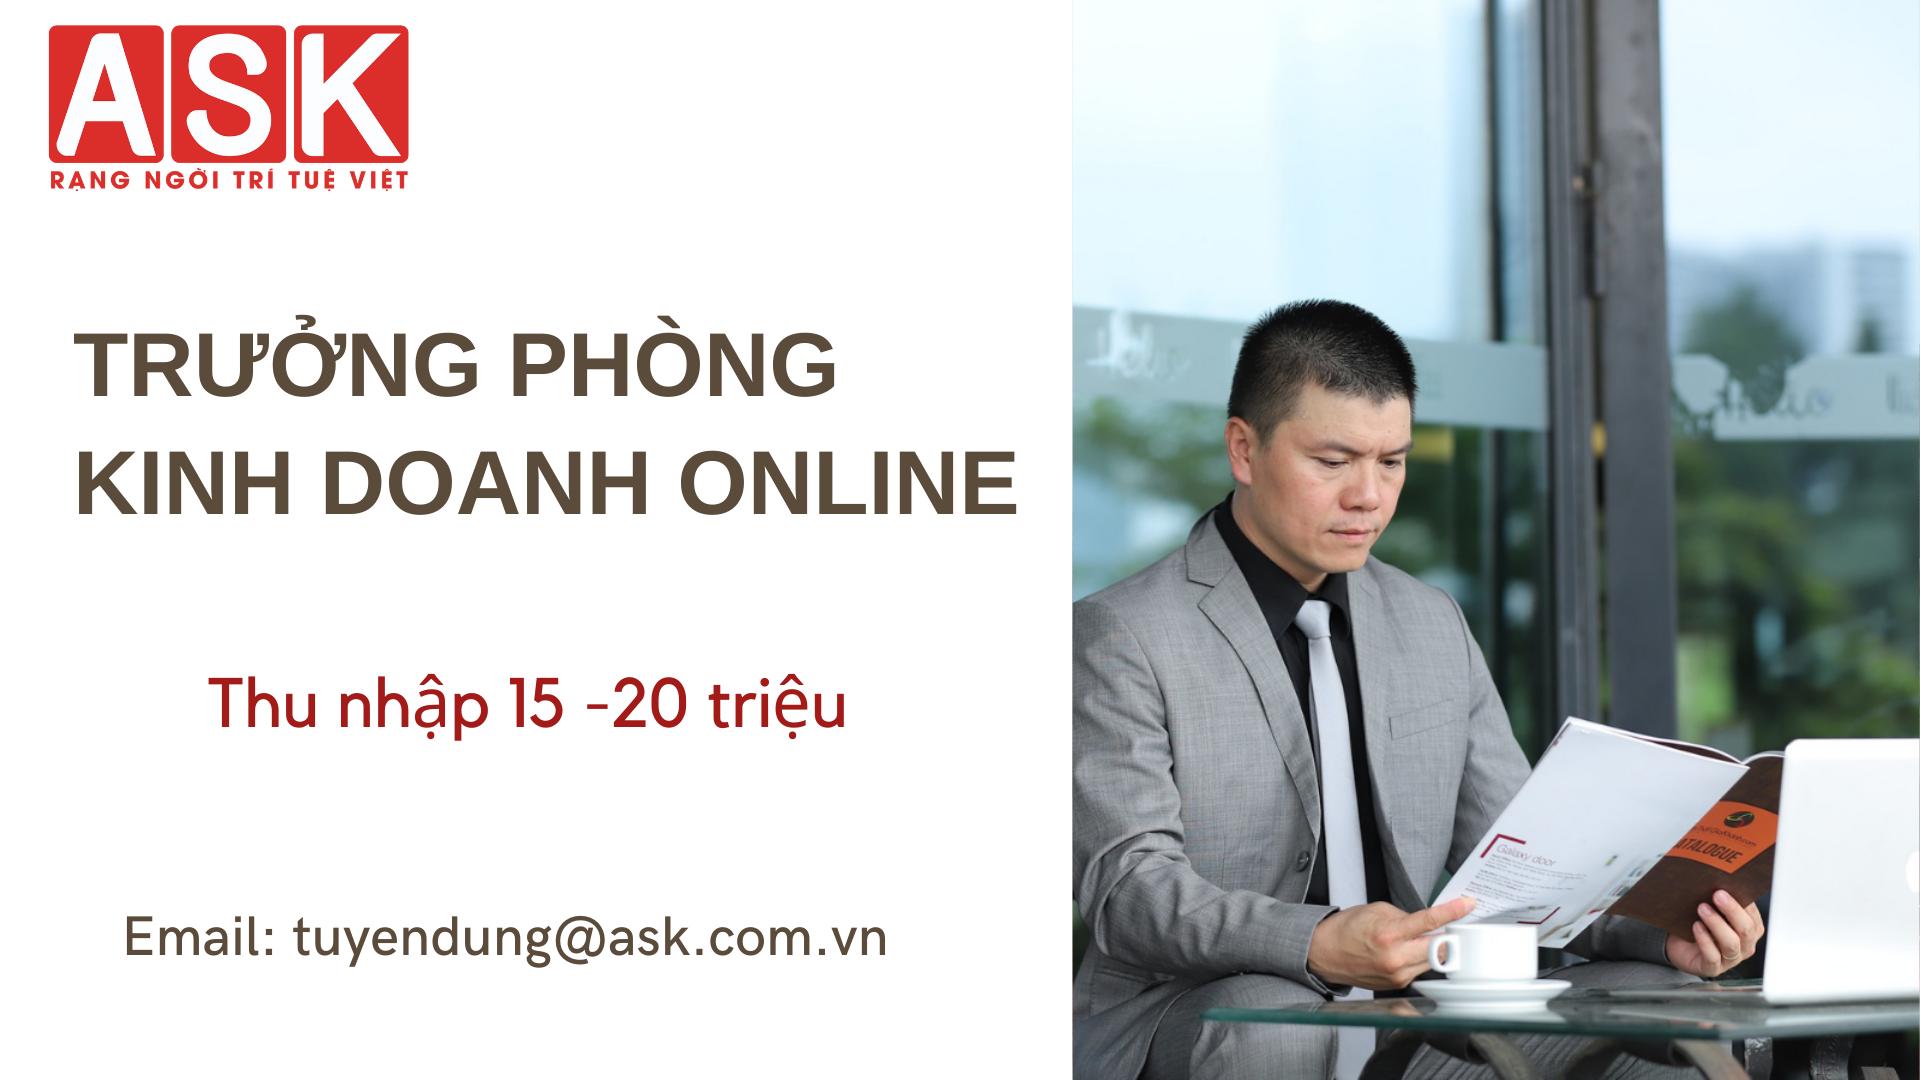 TRƯỞNG PHÒNG KINH DOANH ONLINE